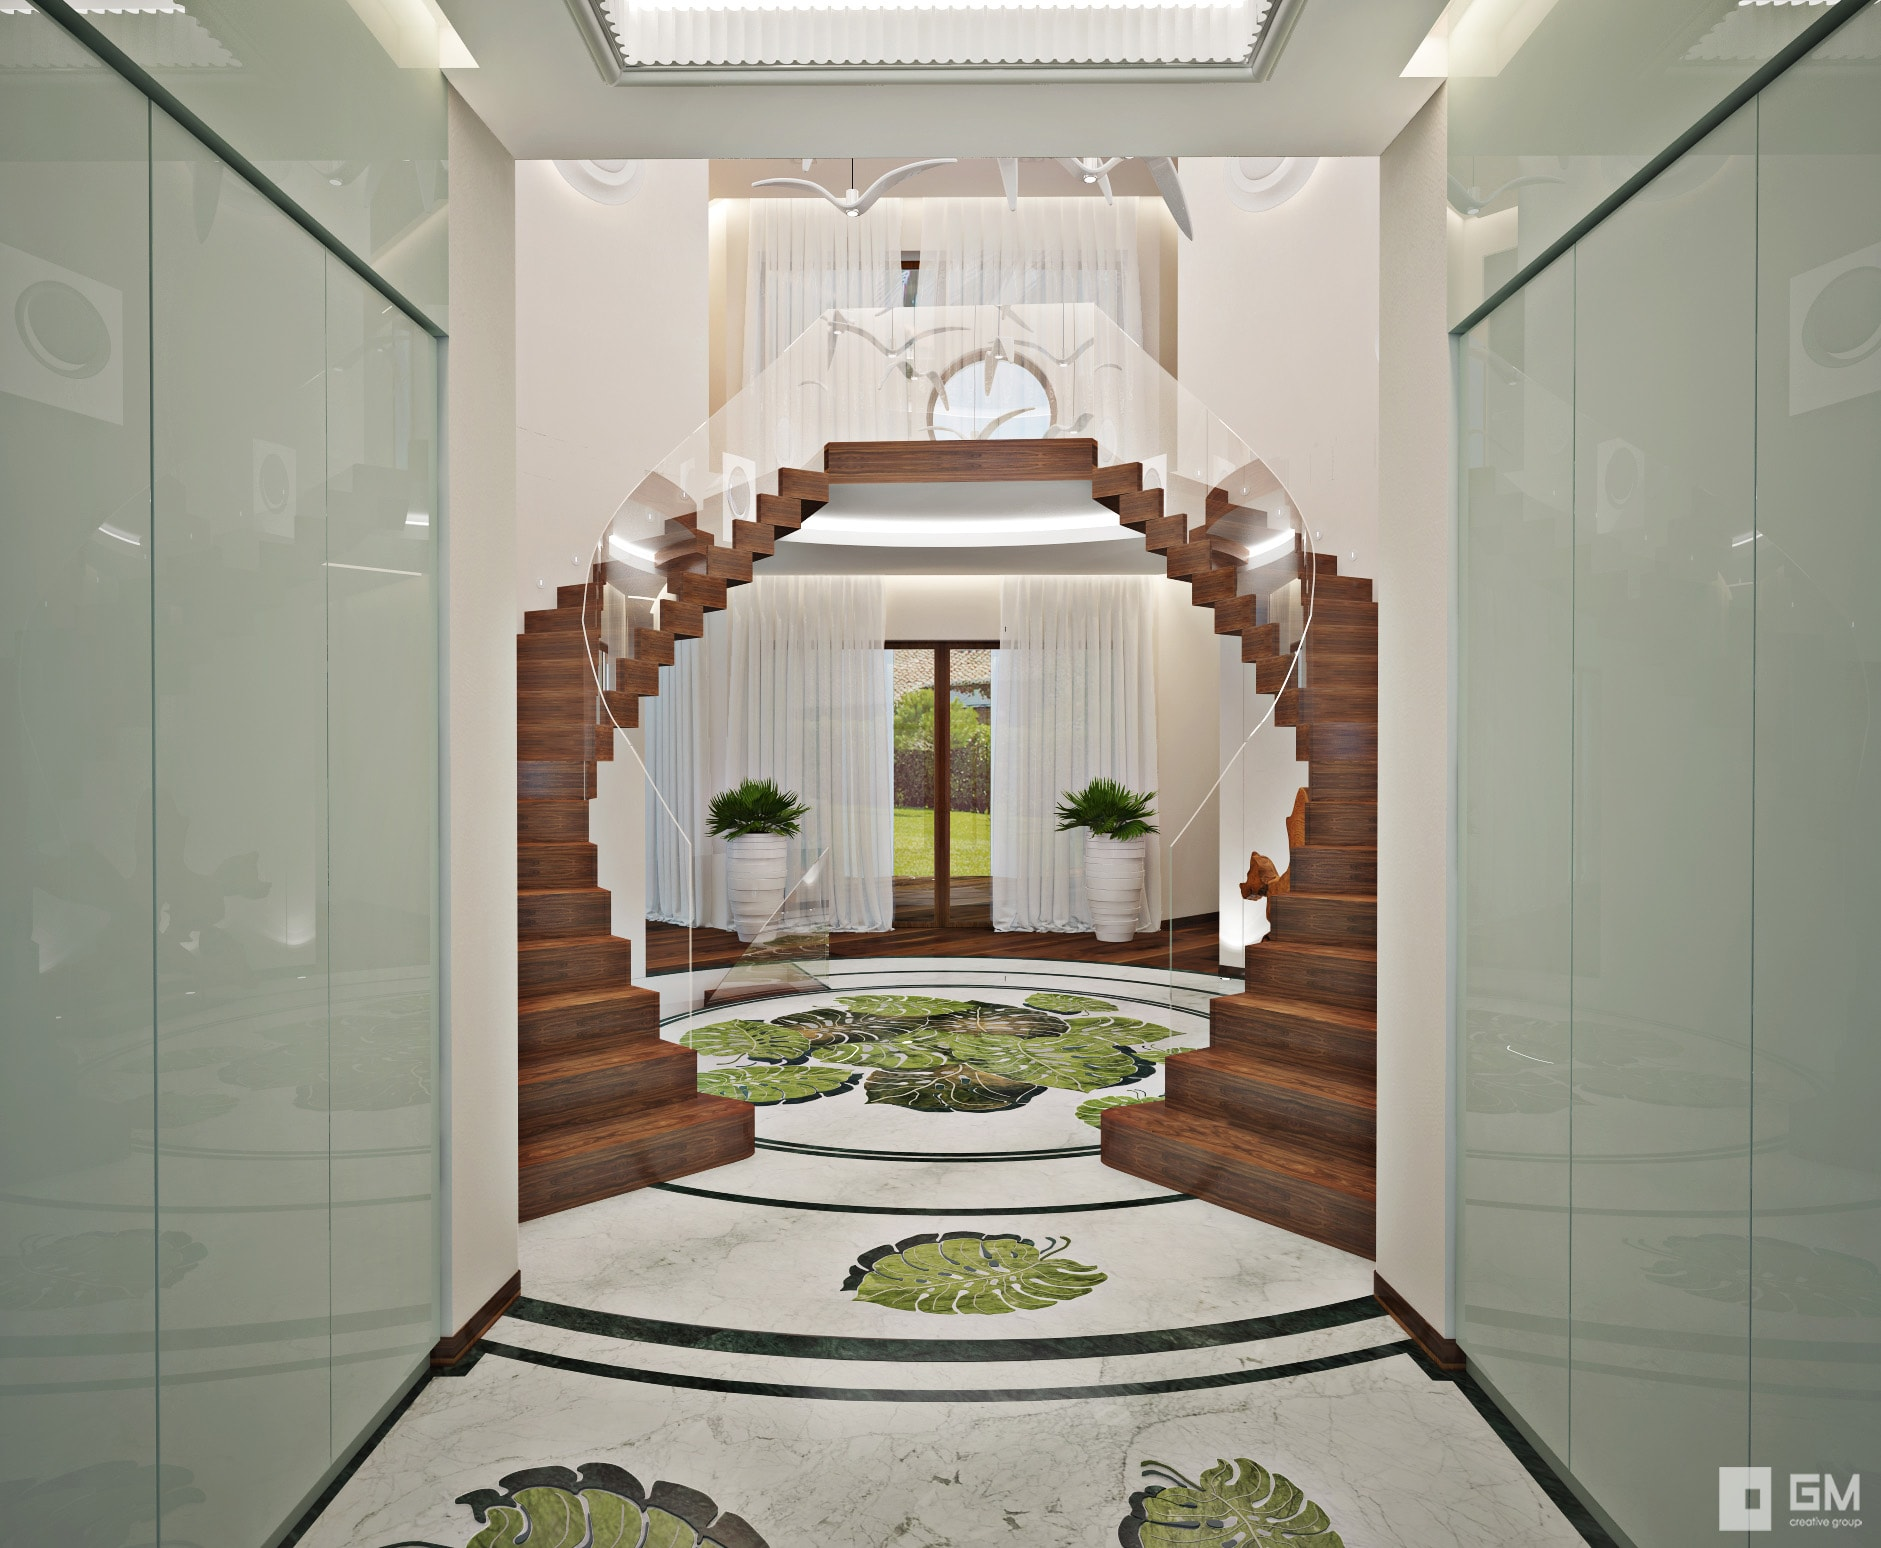 Эксклюзивный и очаровательный дизайн дома для отдыха в Испании от студии дизайна GM-Interior